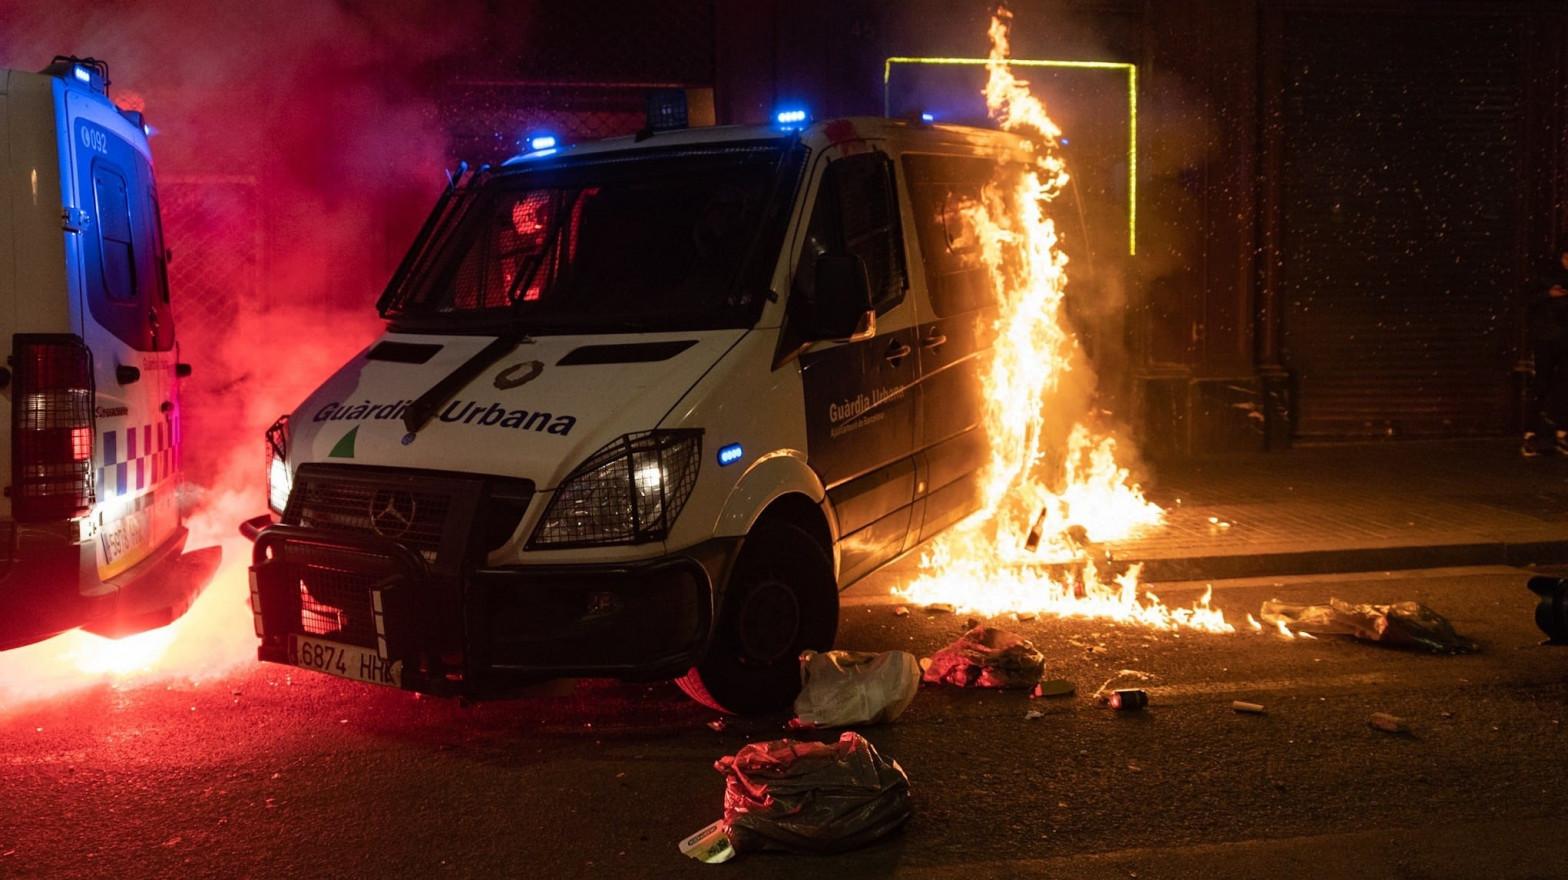 En libertad la joven italiana acusada de quemar un furgón de la Guardia Urbana en Barcelona